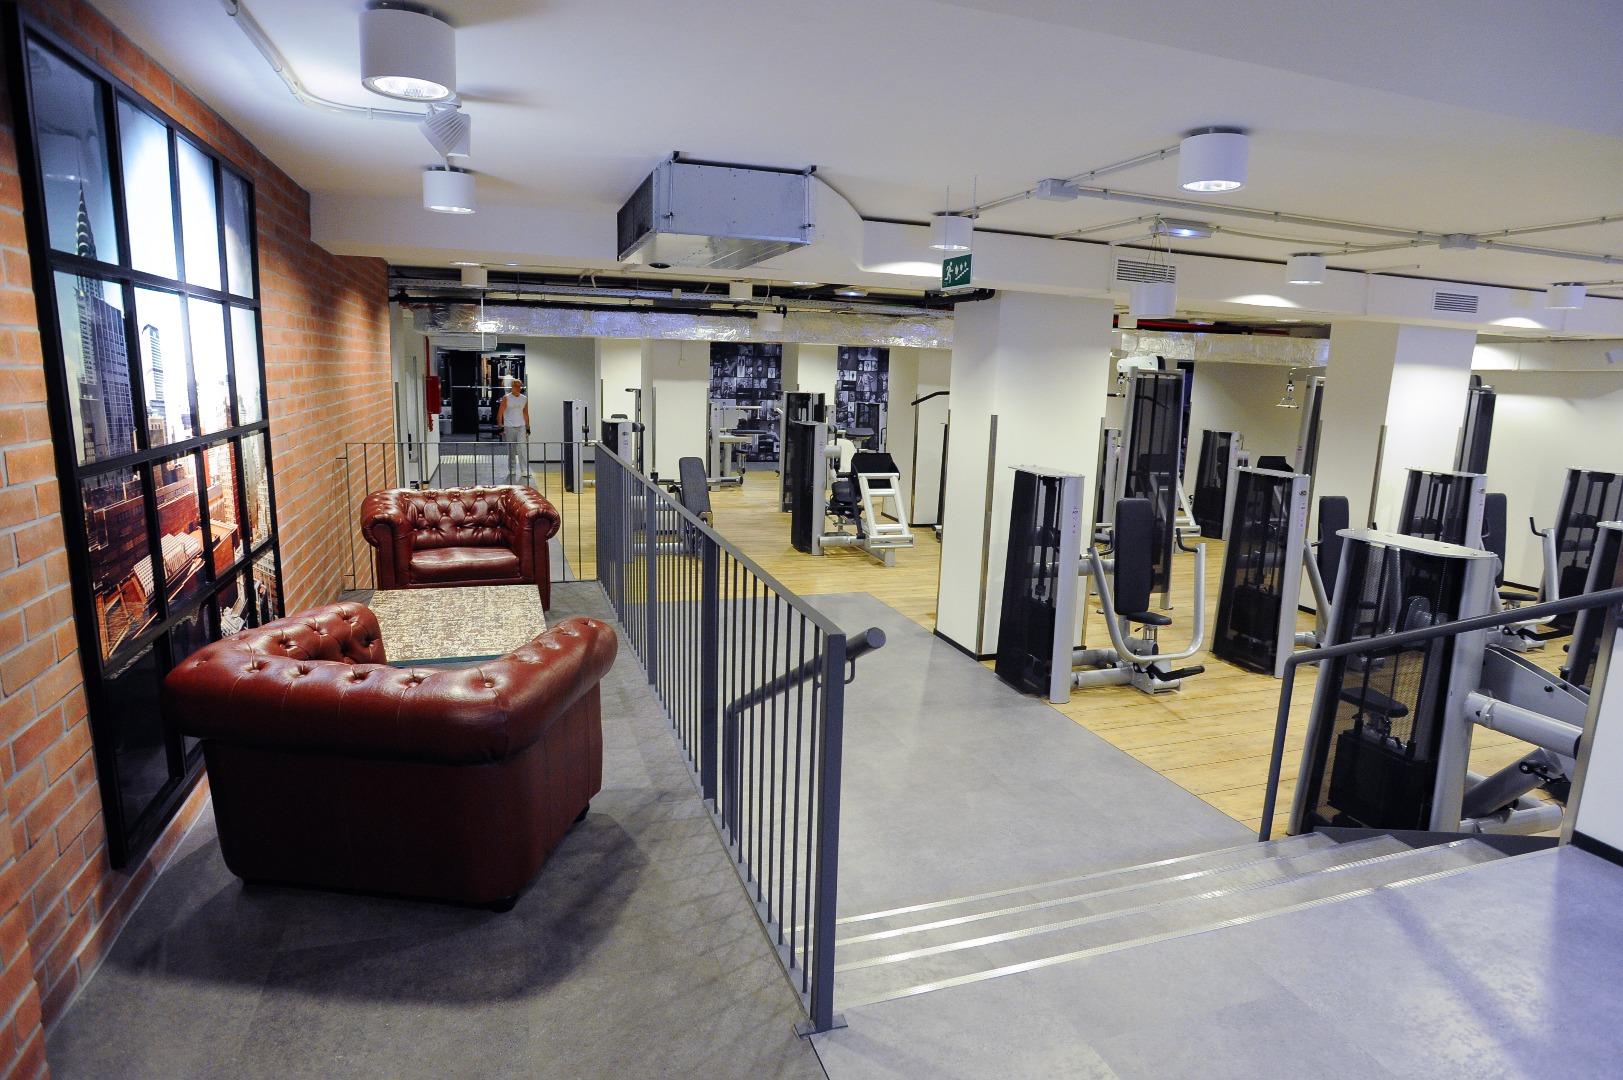 Picture 7 Deals for Gym McFIT Viladecans – C.C. Vilamarina Viladecans